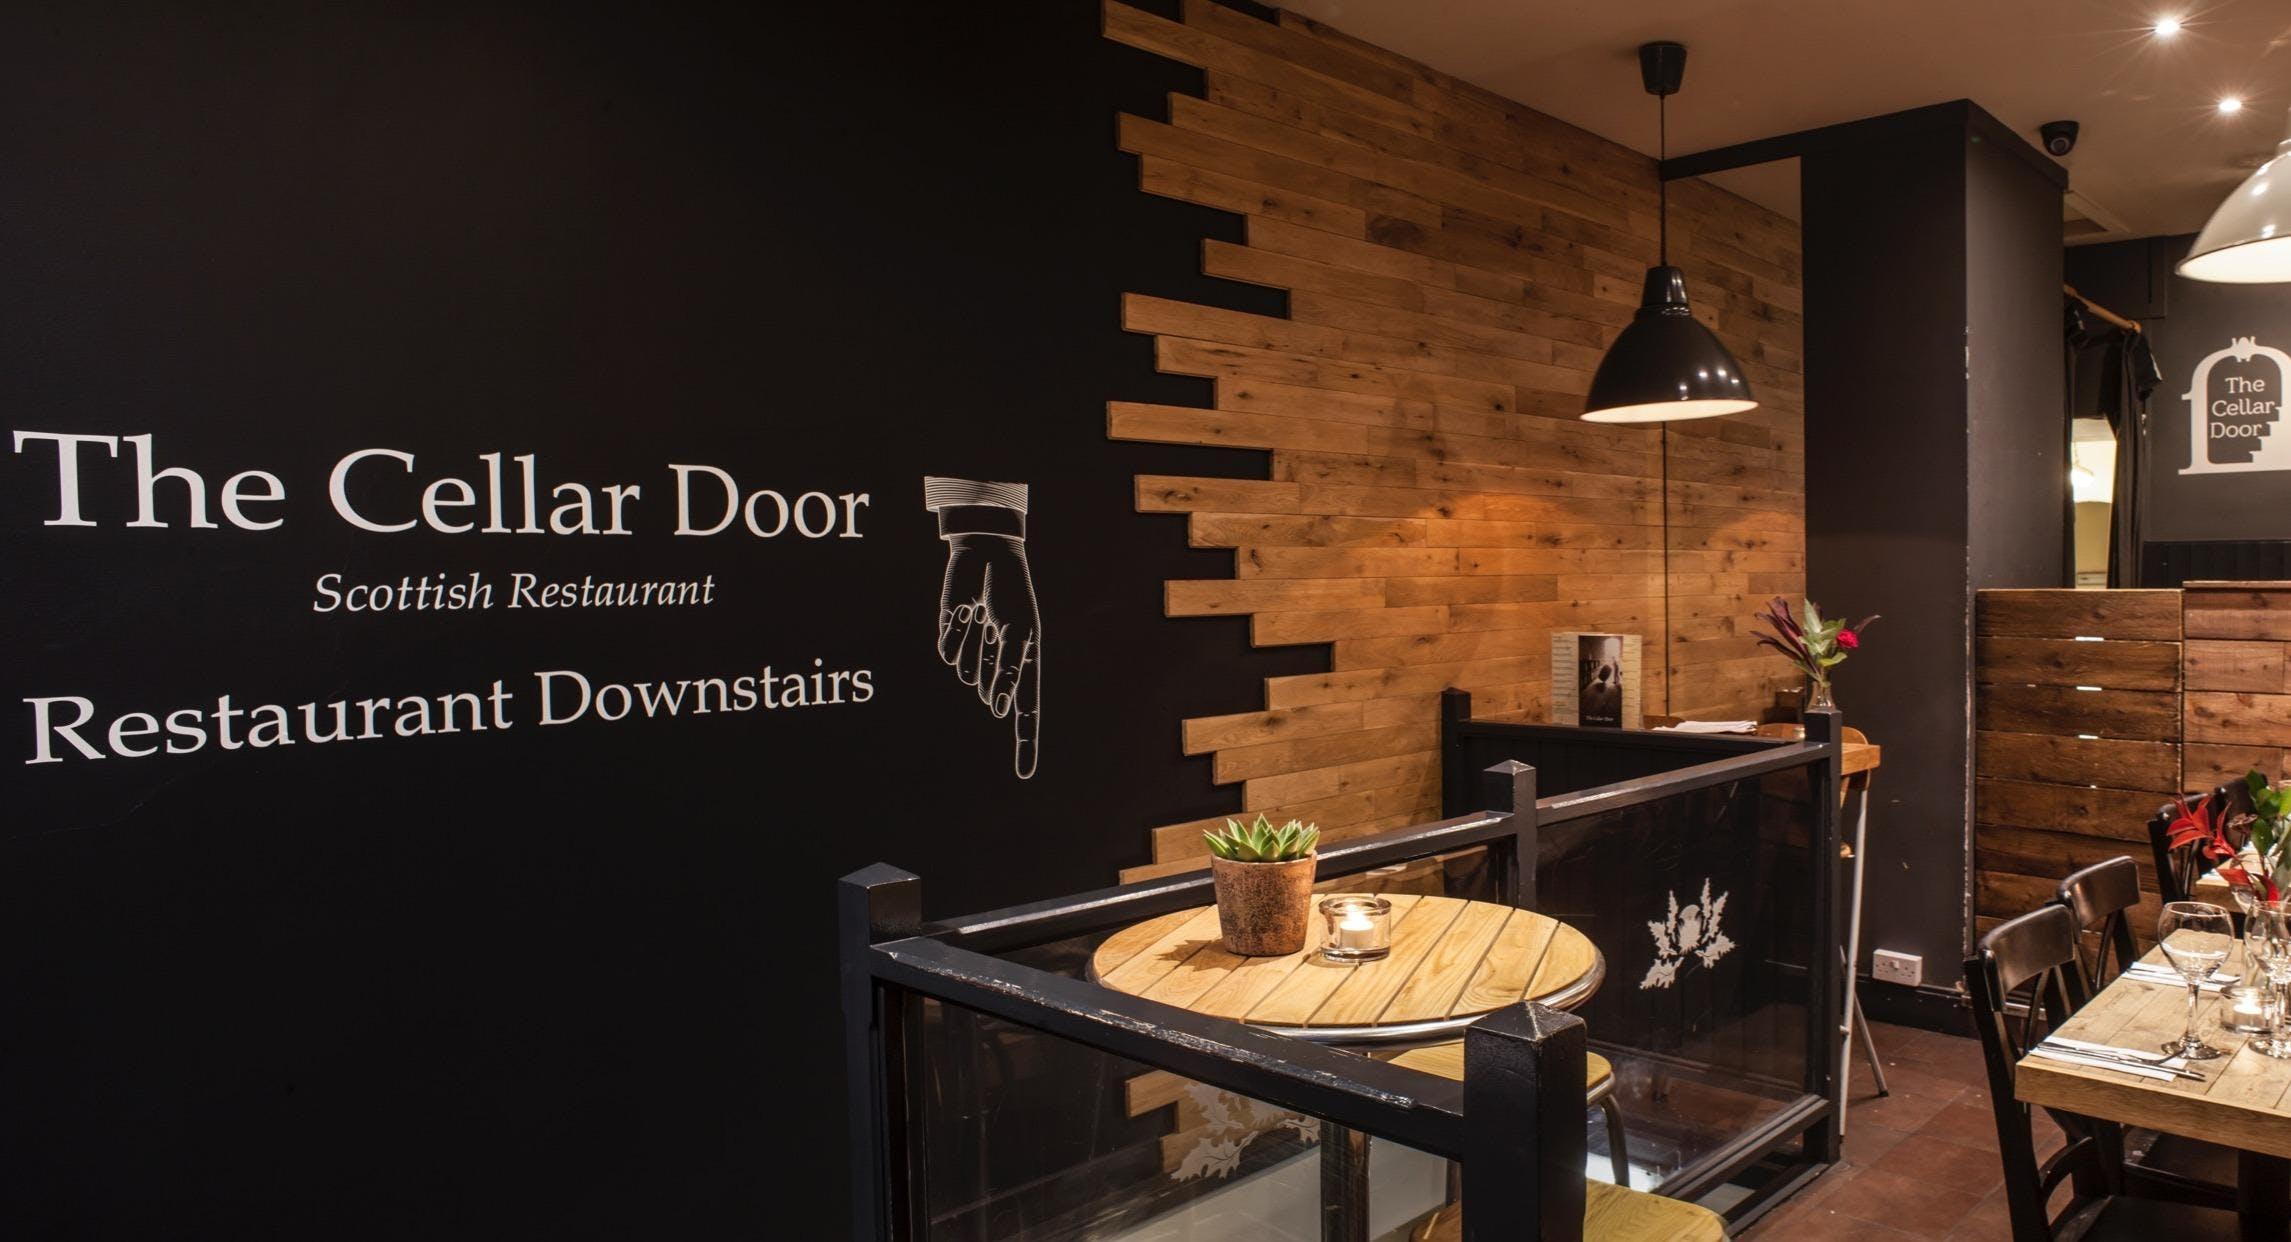 The Cellar Door Edinburgh image 1